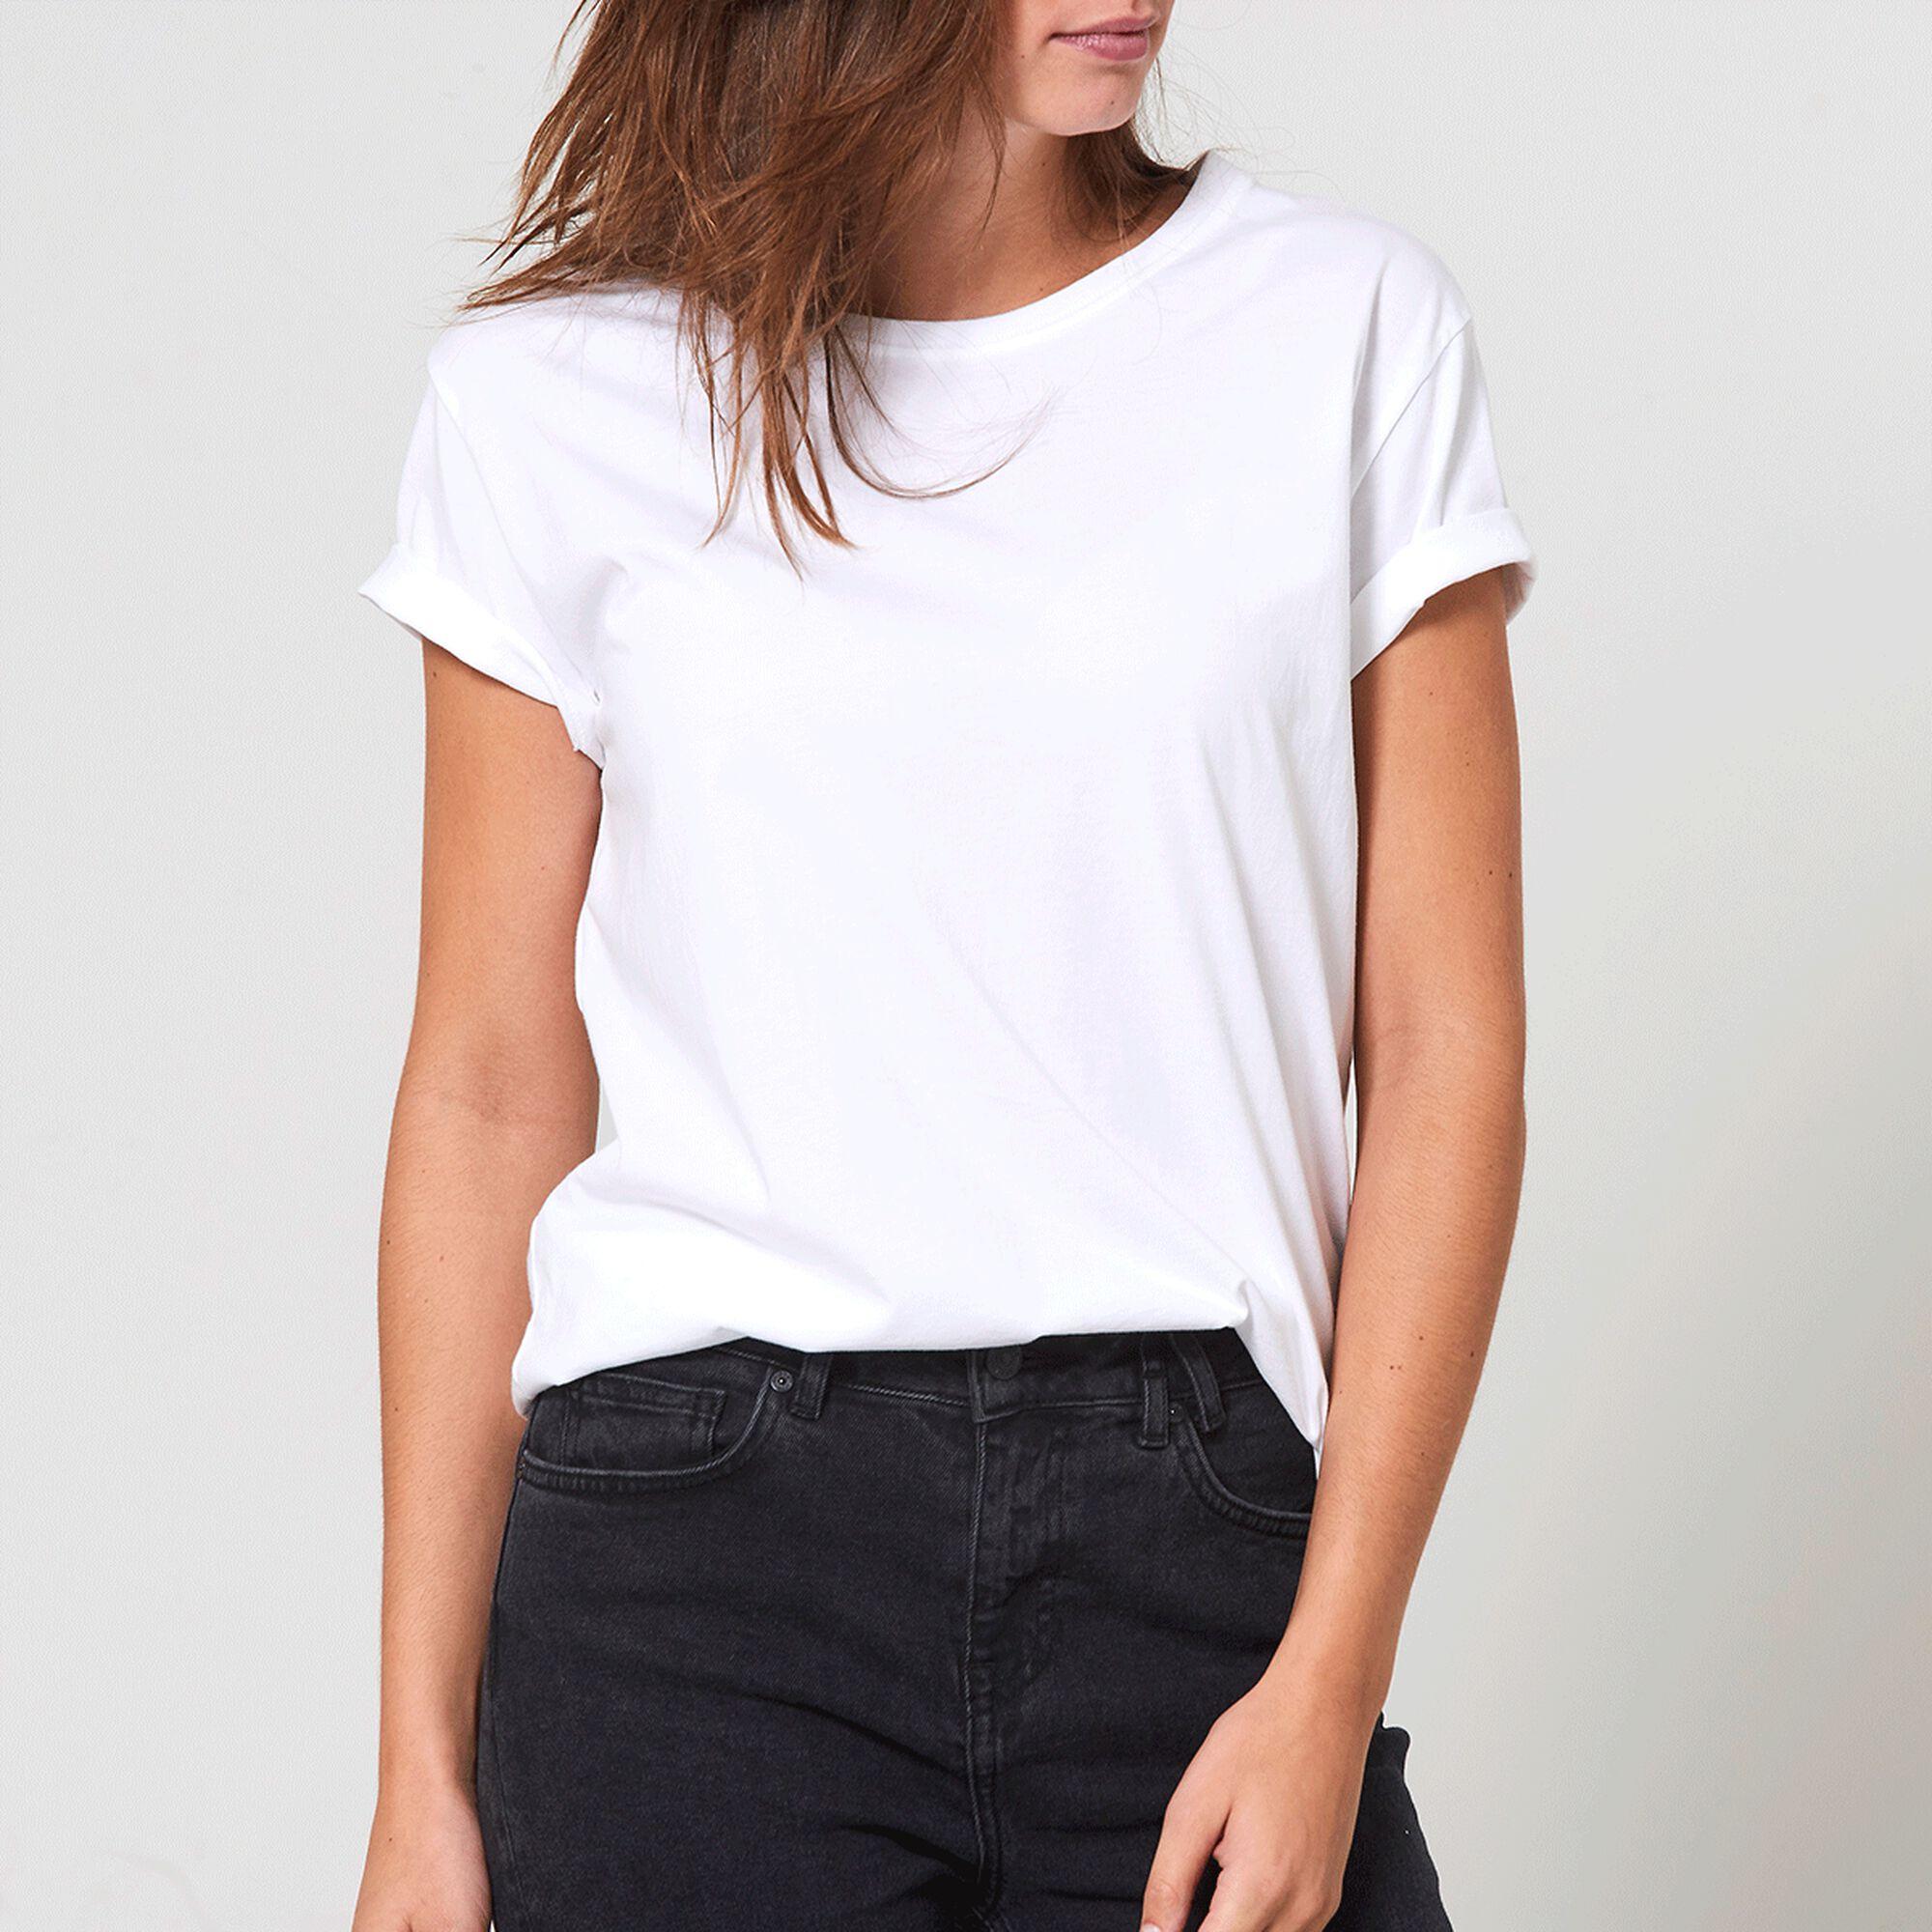 new styles 87e20 8d4c6 Basic T-shirt Elijn